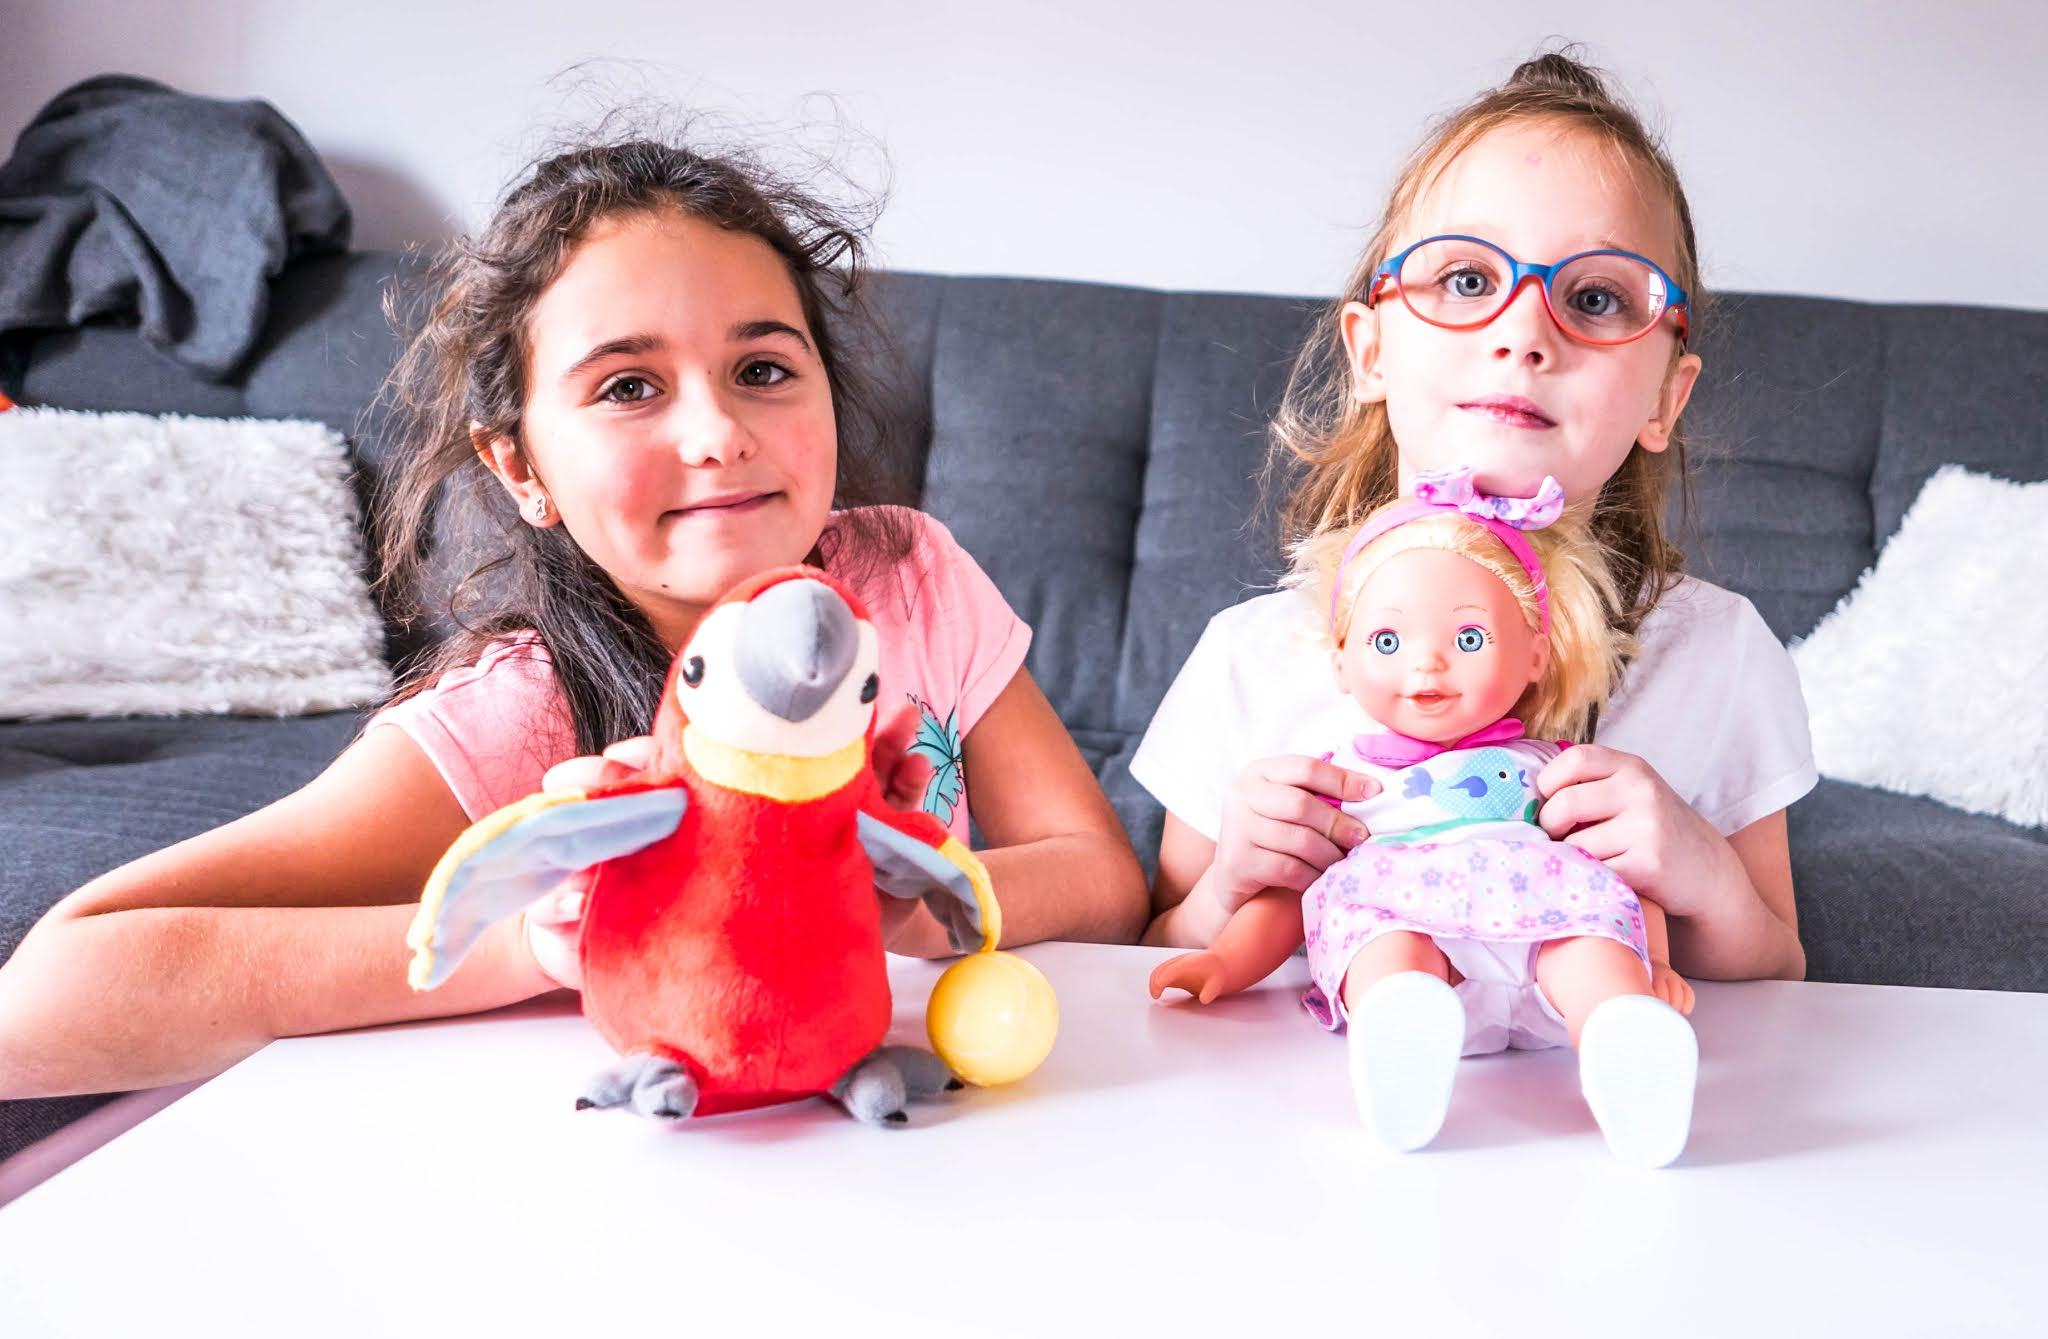 Pomysł na prezent dla dziewczynki 3 latka, 4 latka, 5 lat